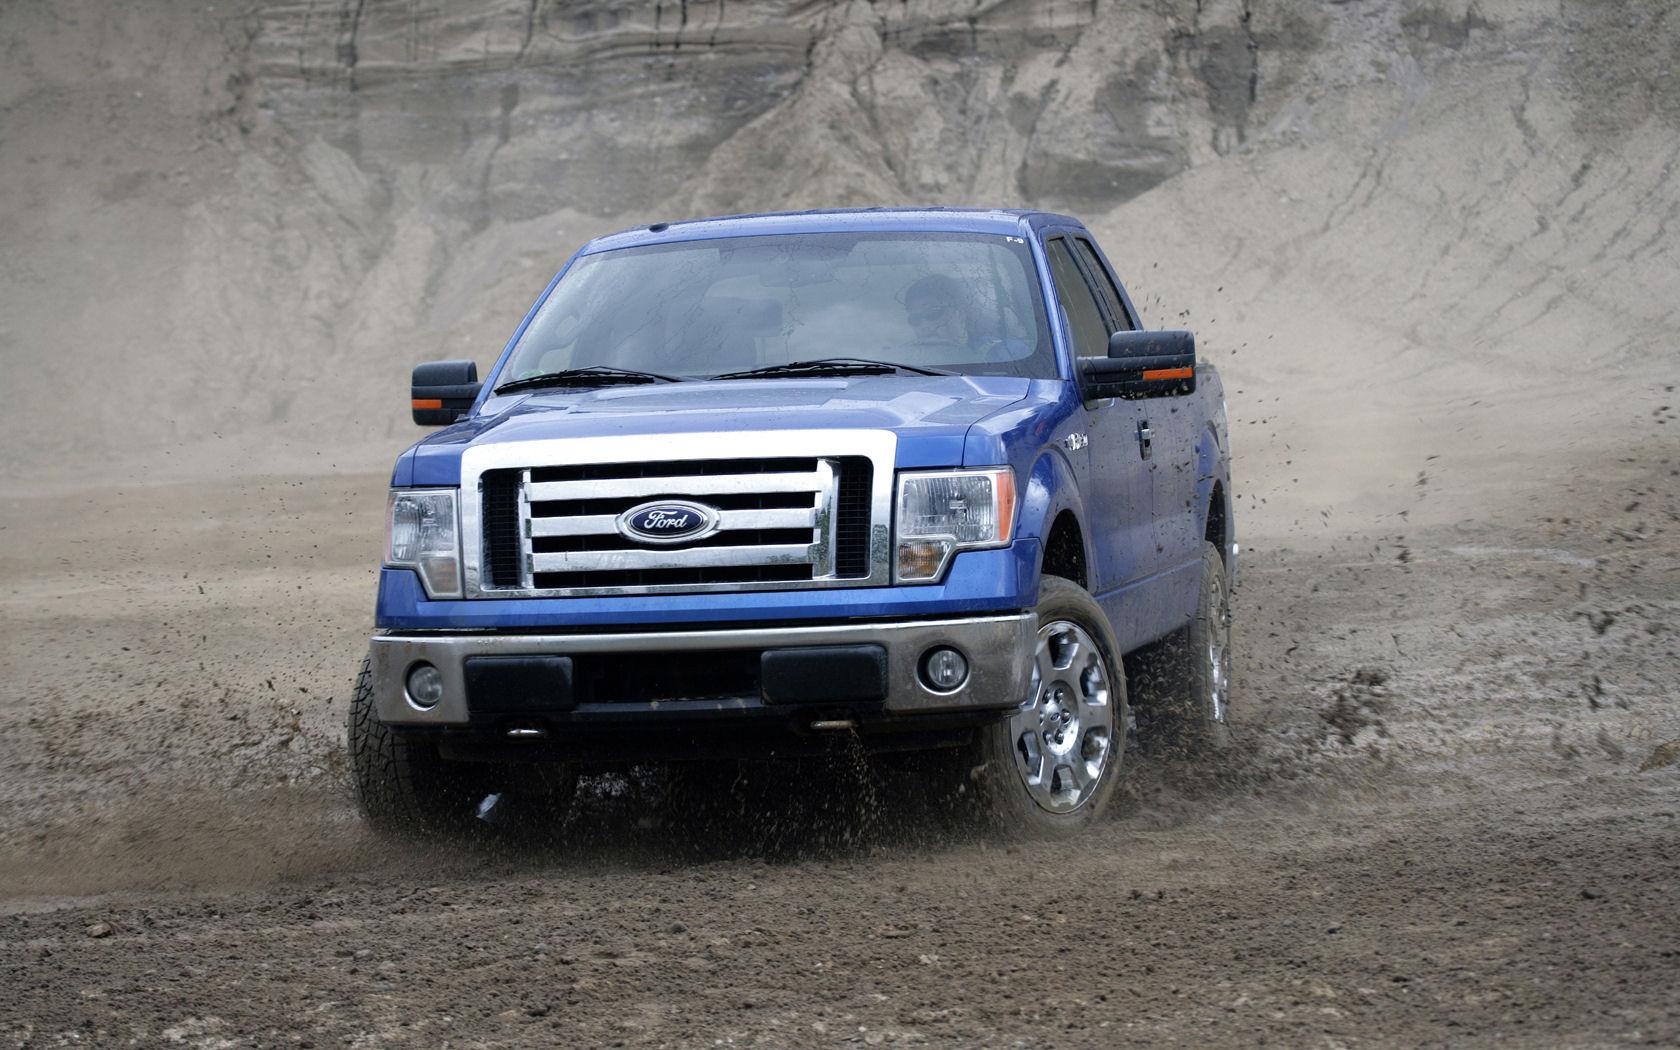 Ford Truck Wallpaper 806198 1600x1144px 1680x1050